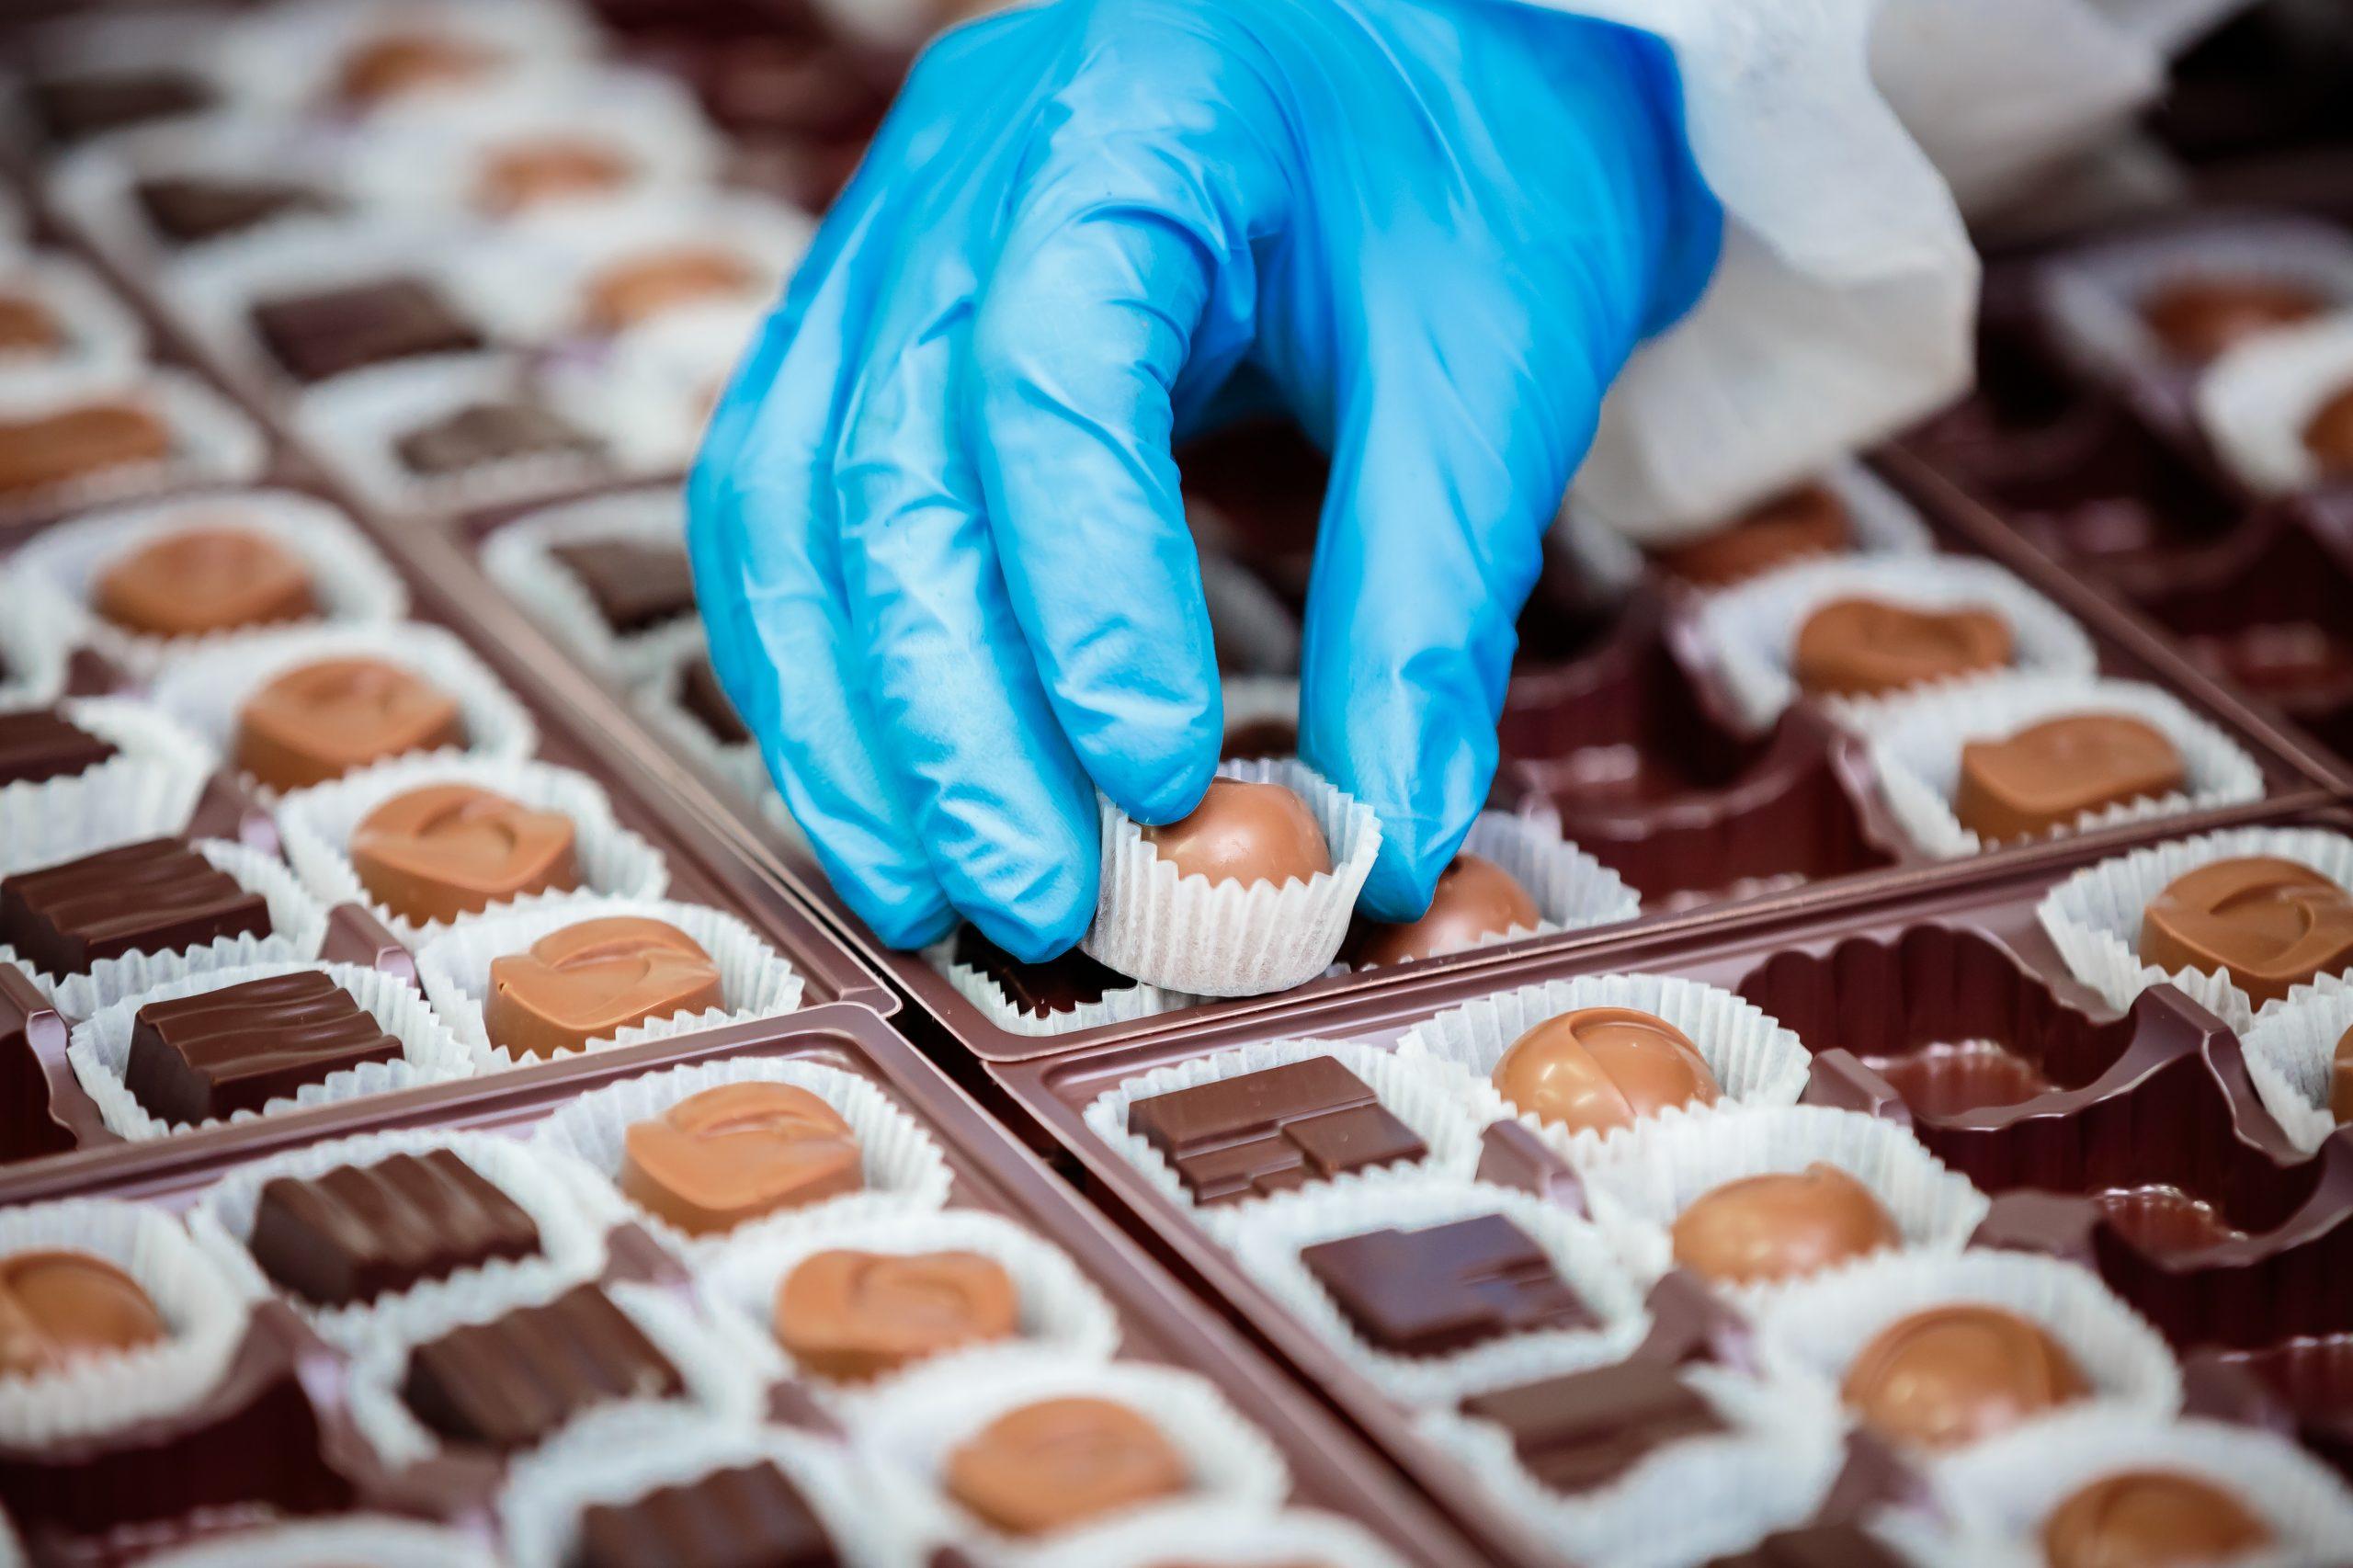 Čokolada u borbi protiv predrasuda